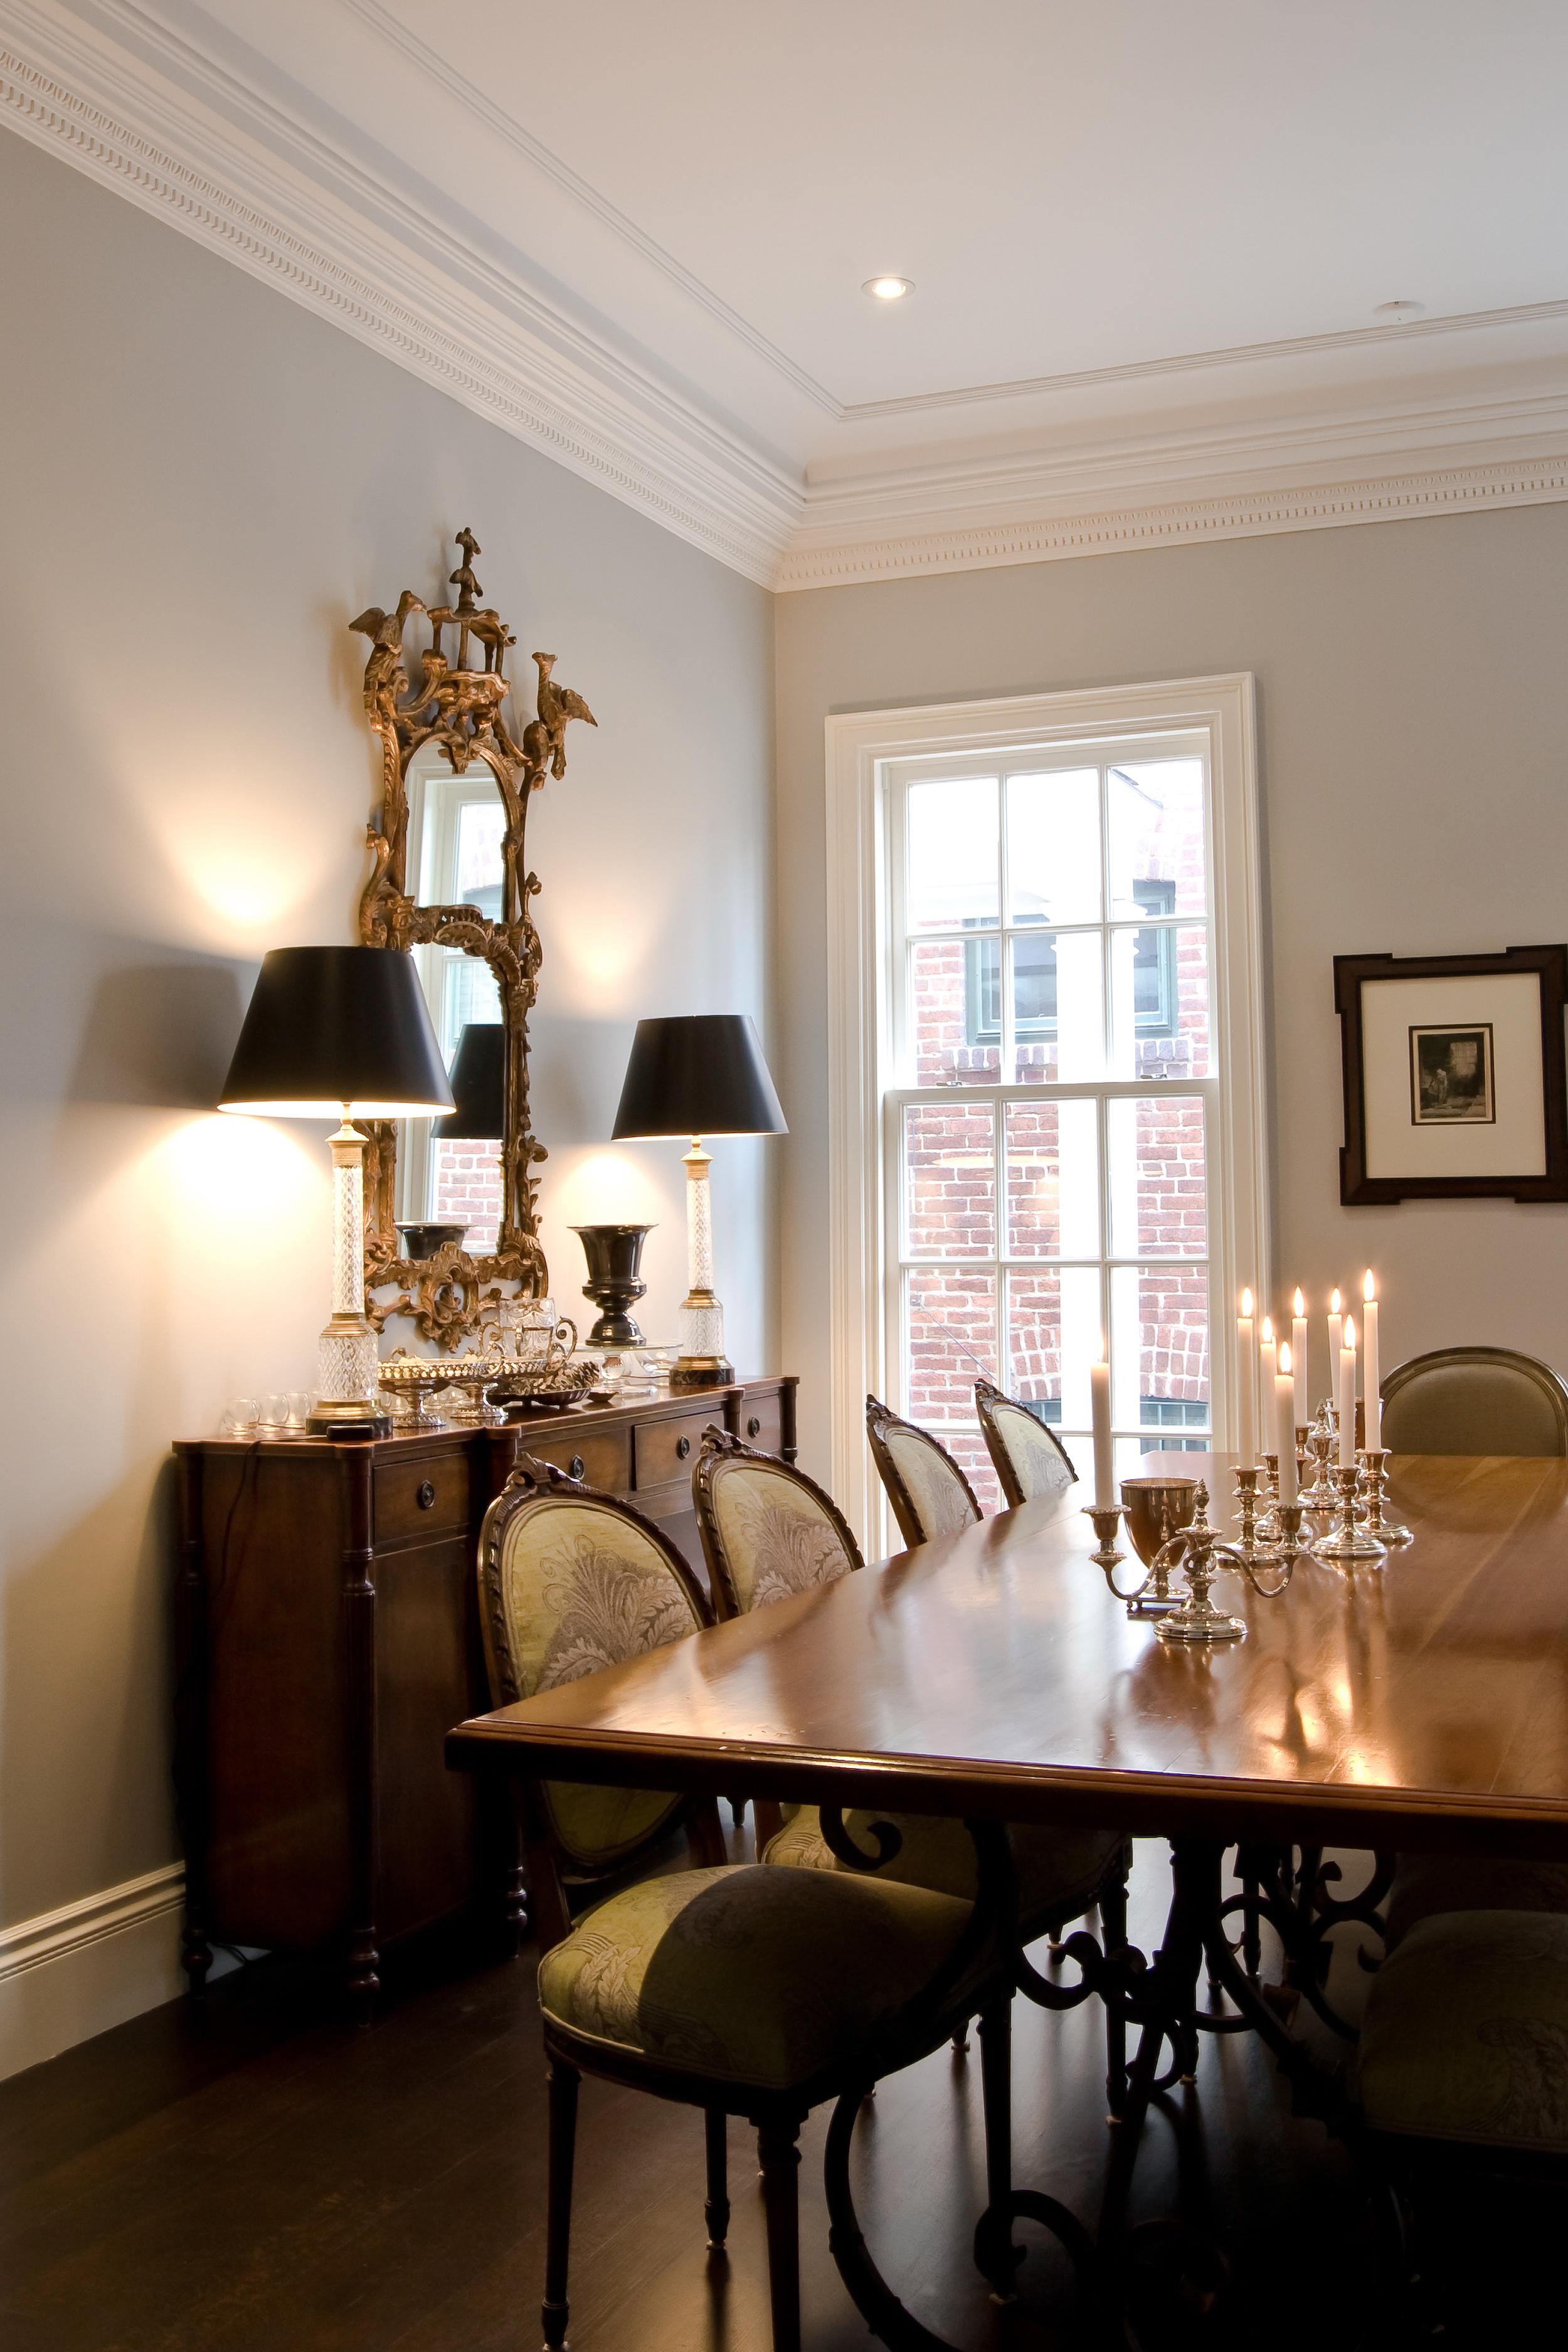 20100128-Interior dinning room side shot.jpg